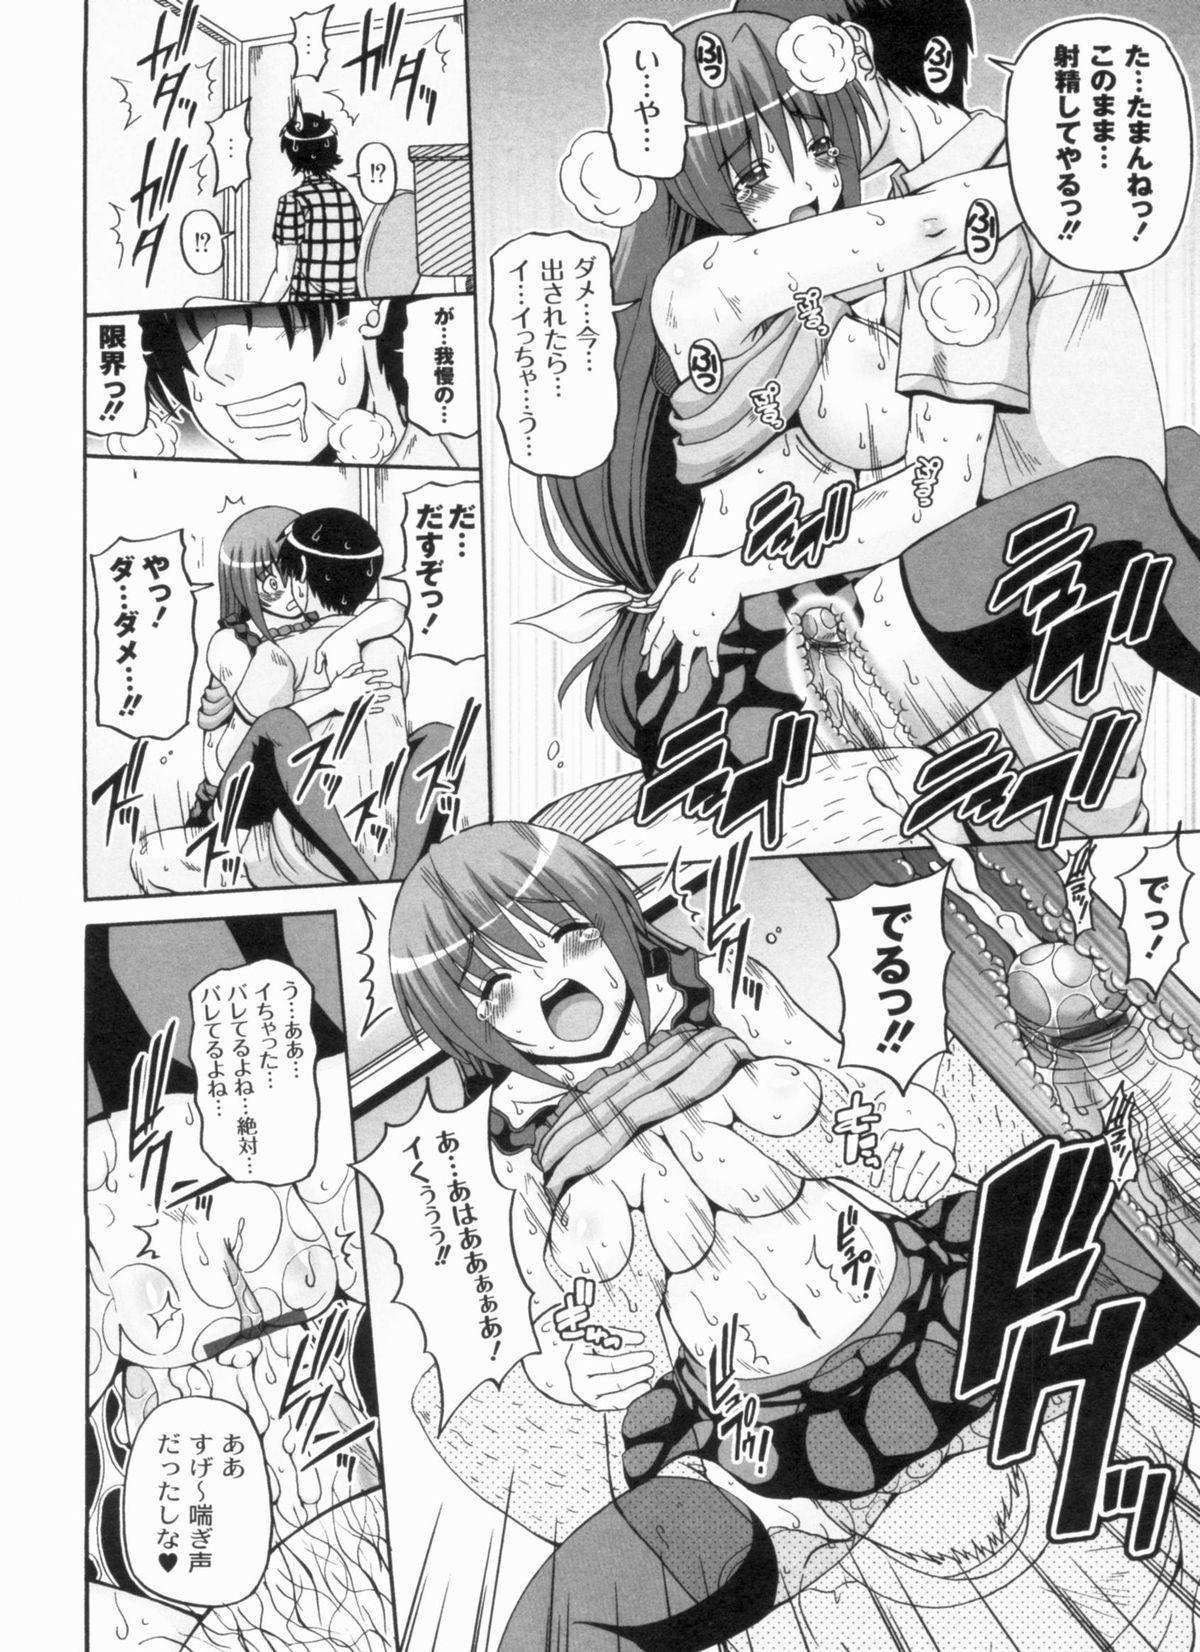 Ayaka no Kyouyuu Seikatsu 61